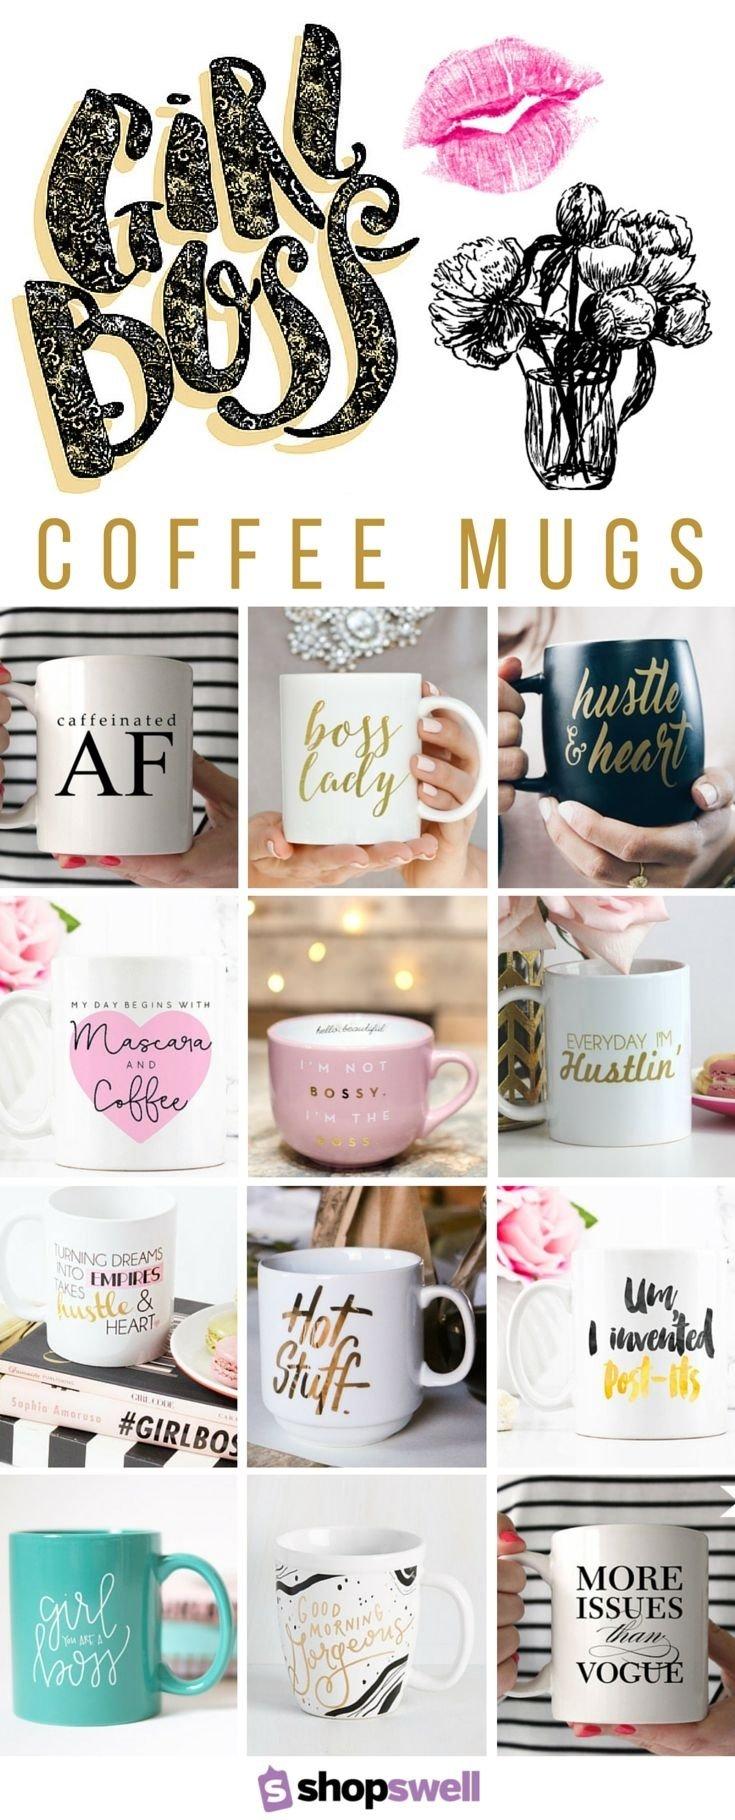 10 Stylish Gift Ideas For Female Boss 182 best girl boss style images on pinterest desk supplies girl 2021